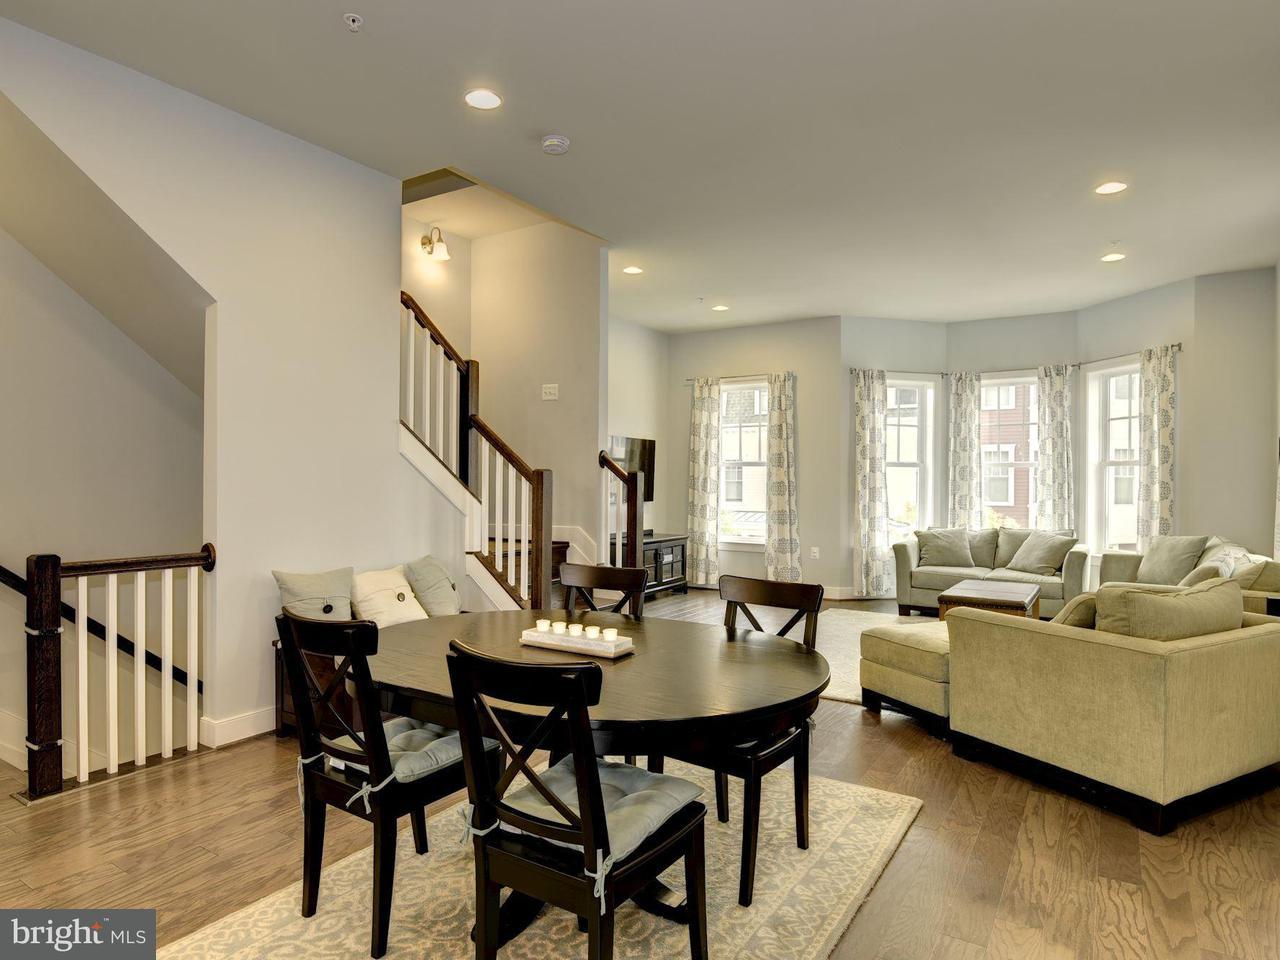 Townhouse for Sale at 602 E ALEXANDRIA Avenue 602 E ALEXANDRIA Avenue Alexandria, Virginia 22301 United States